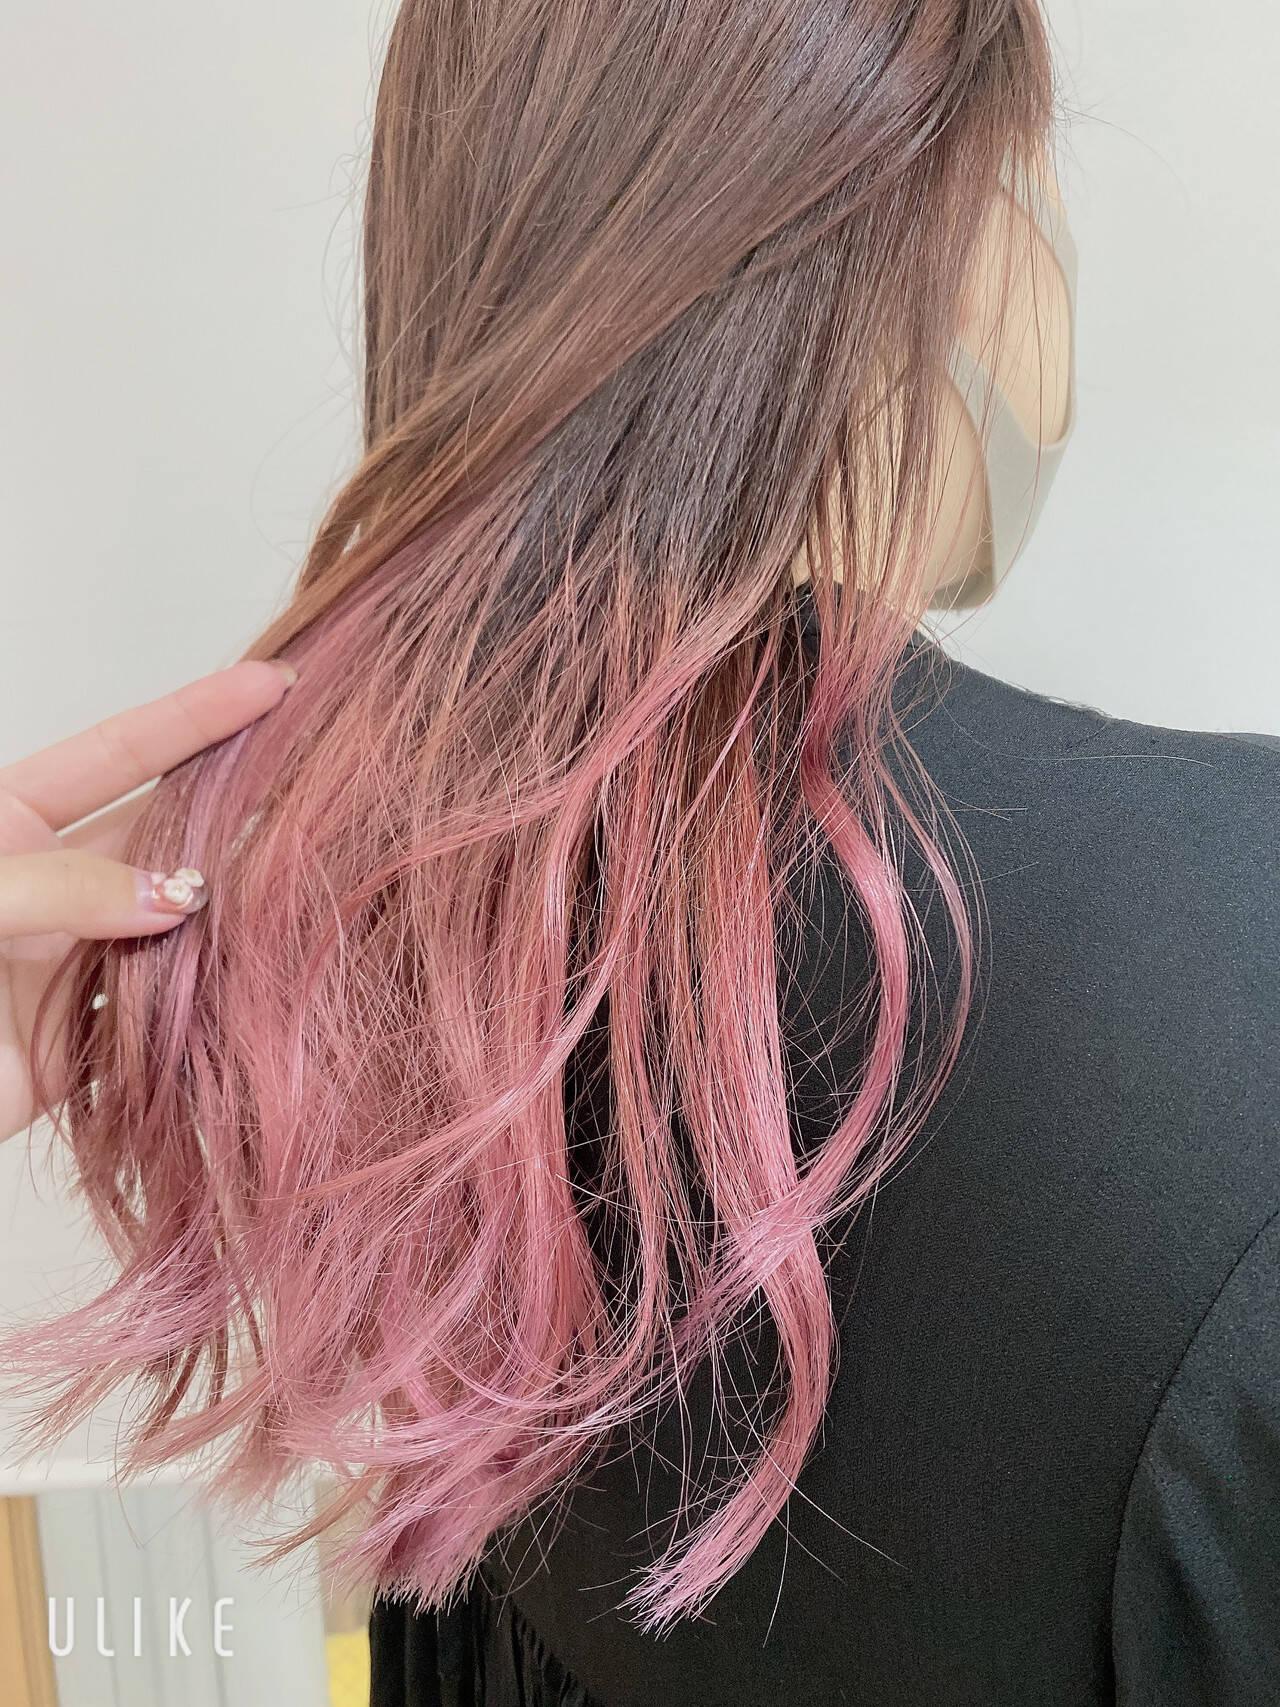 ピンク くすみカラー 透明感カラー グラデーションカラーヘアスタイルや髪型の写真・画像